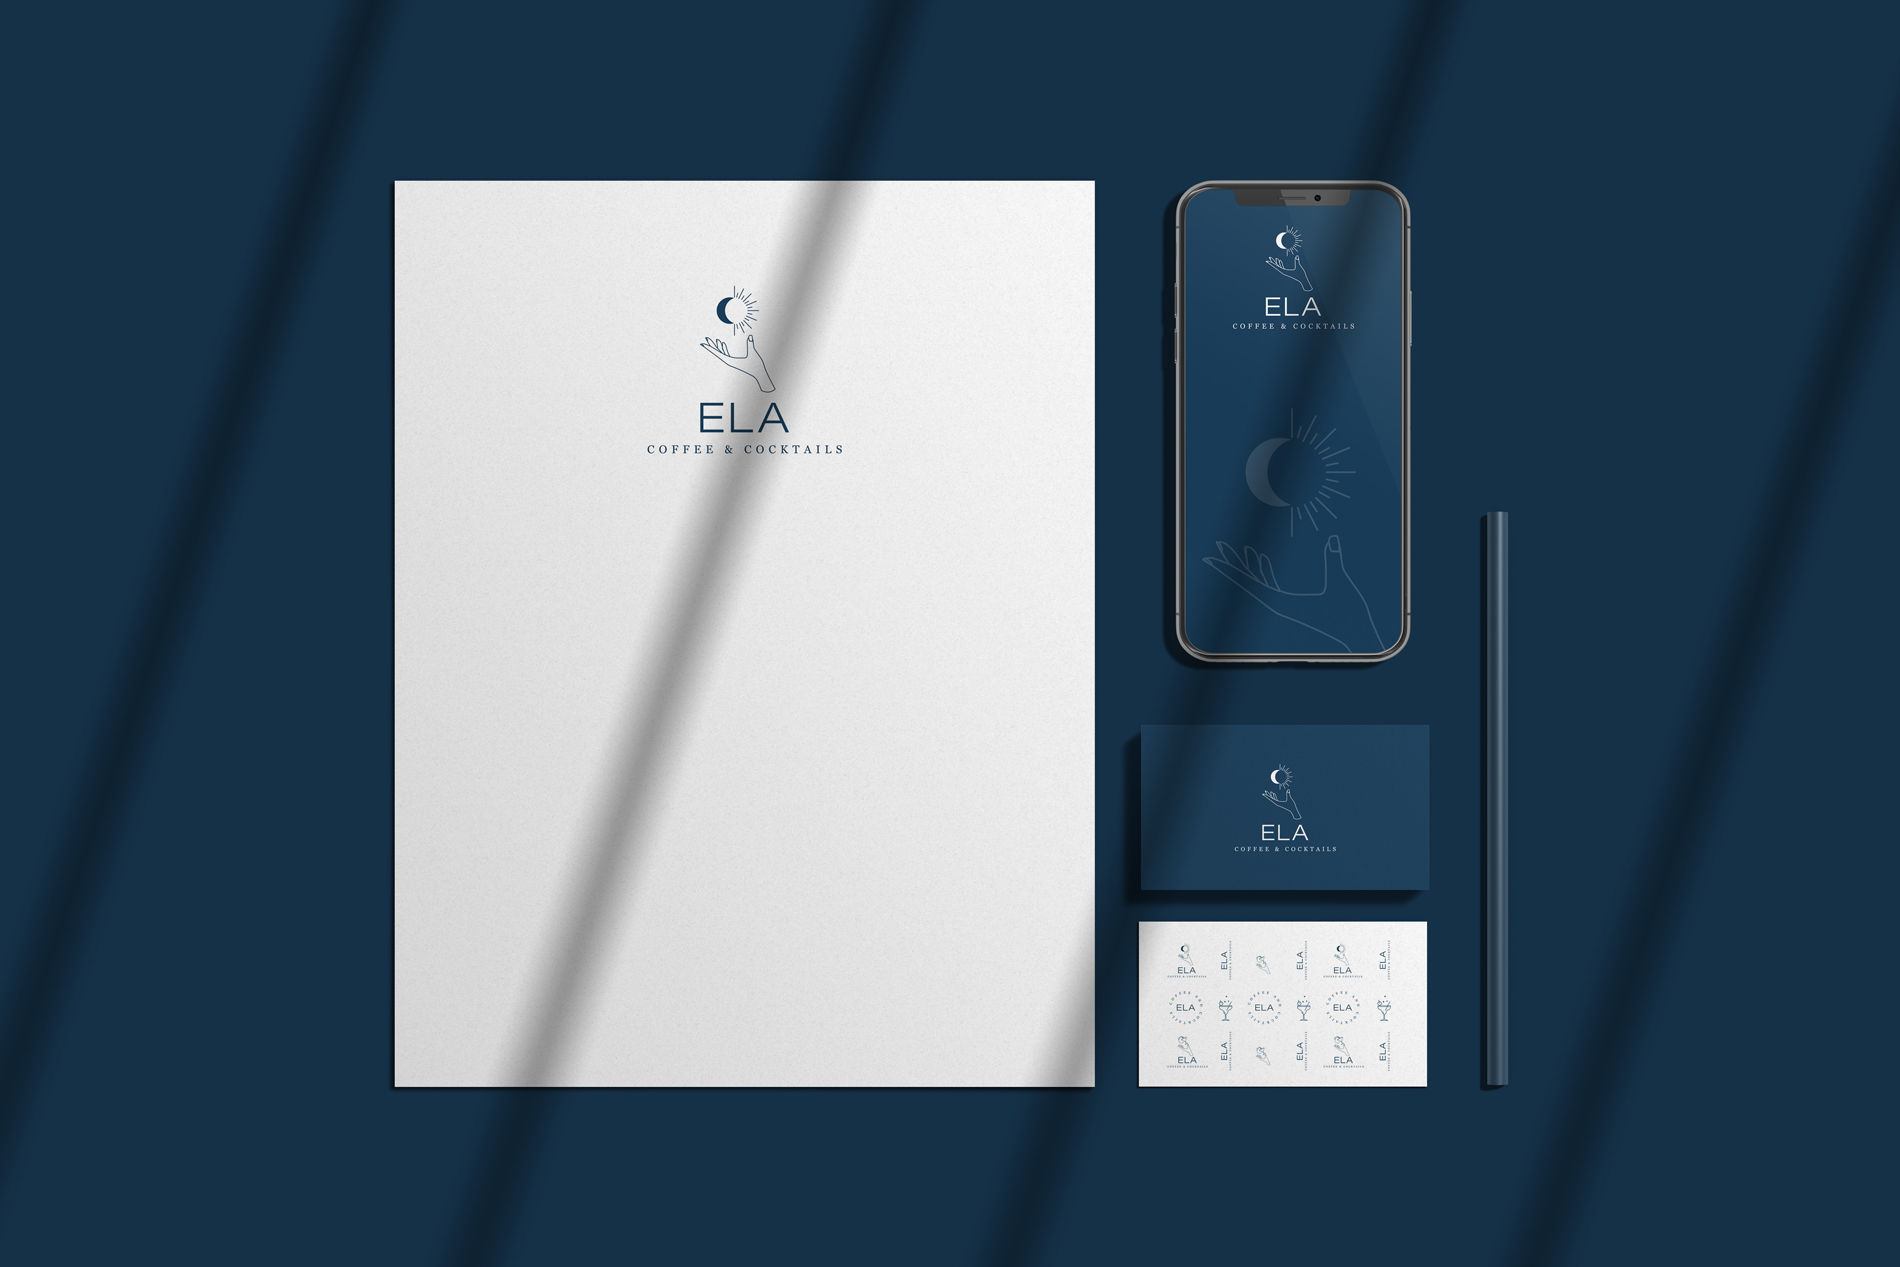 ela-coffee-branding-corporatedesign-gigermiesch